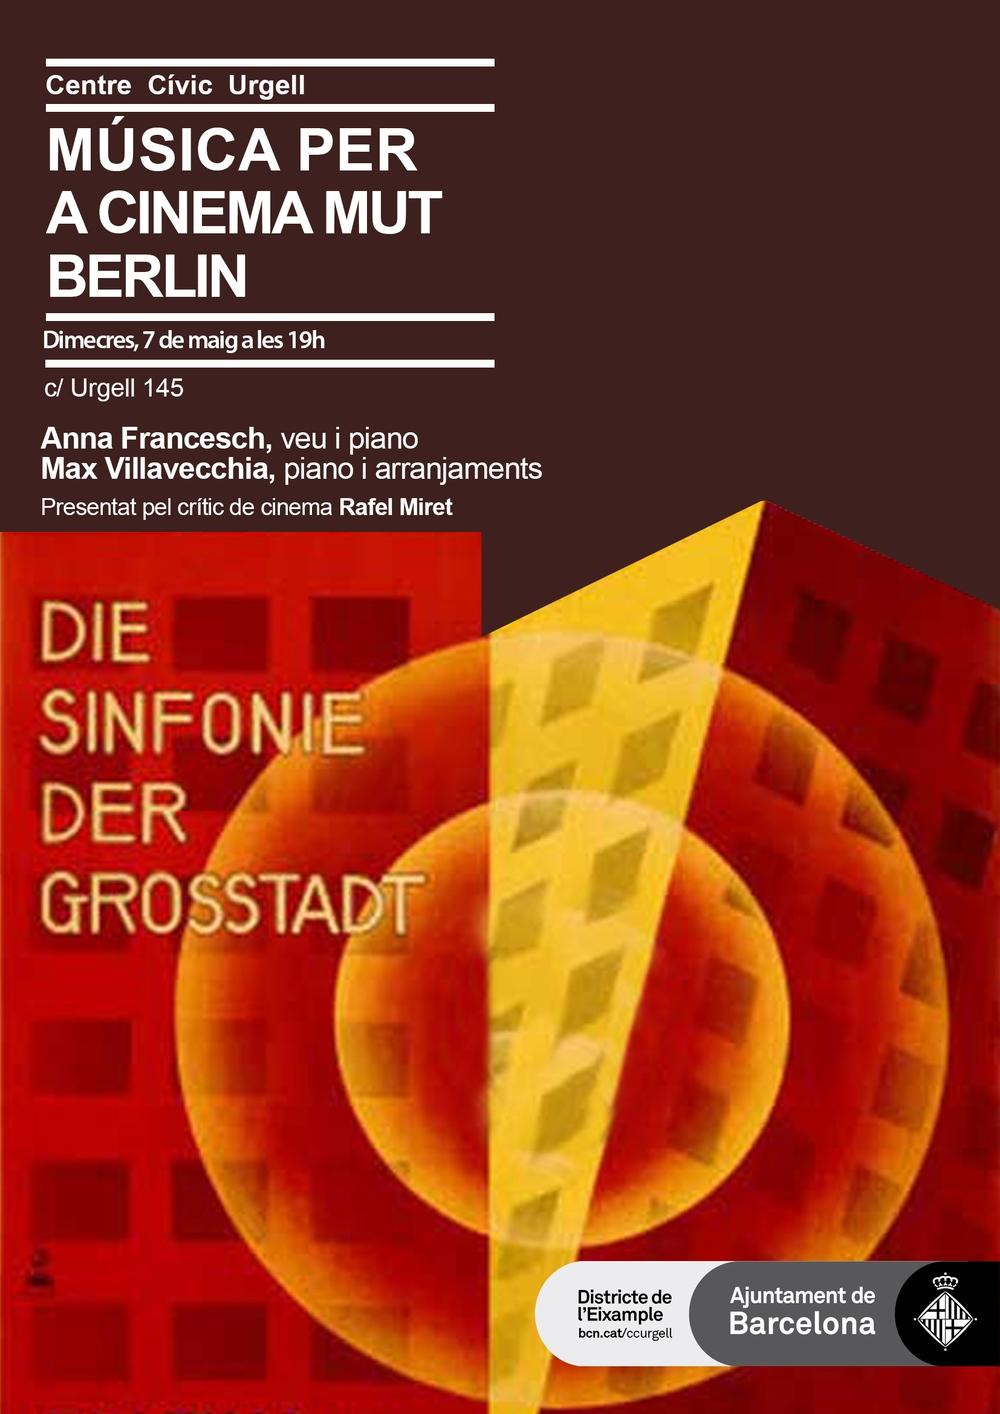 Berlín CCU.jpg